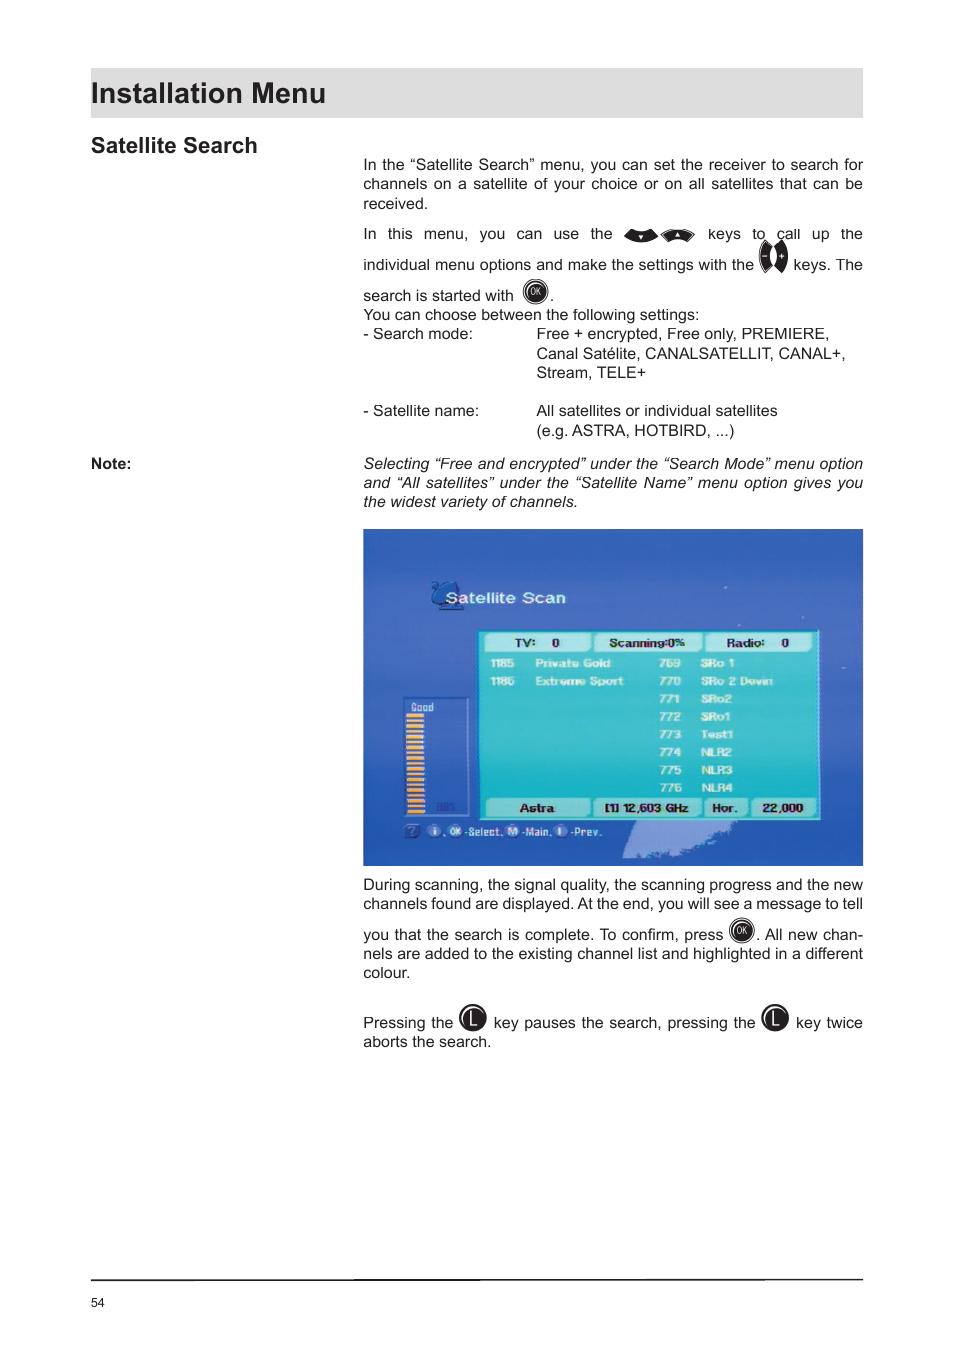 Installation menu, Satellite search   Kathrein UFD 170 User